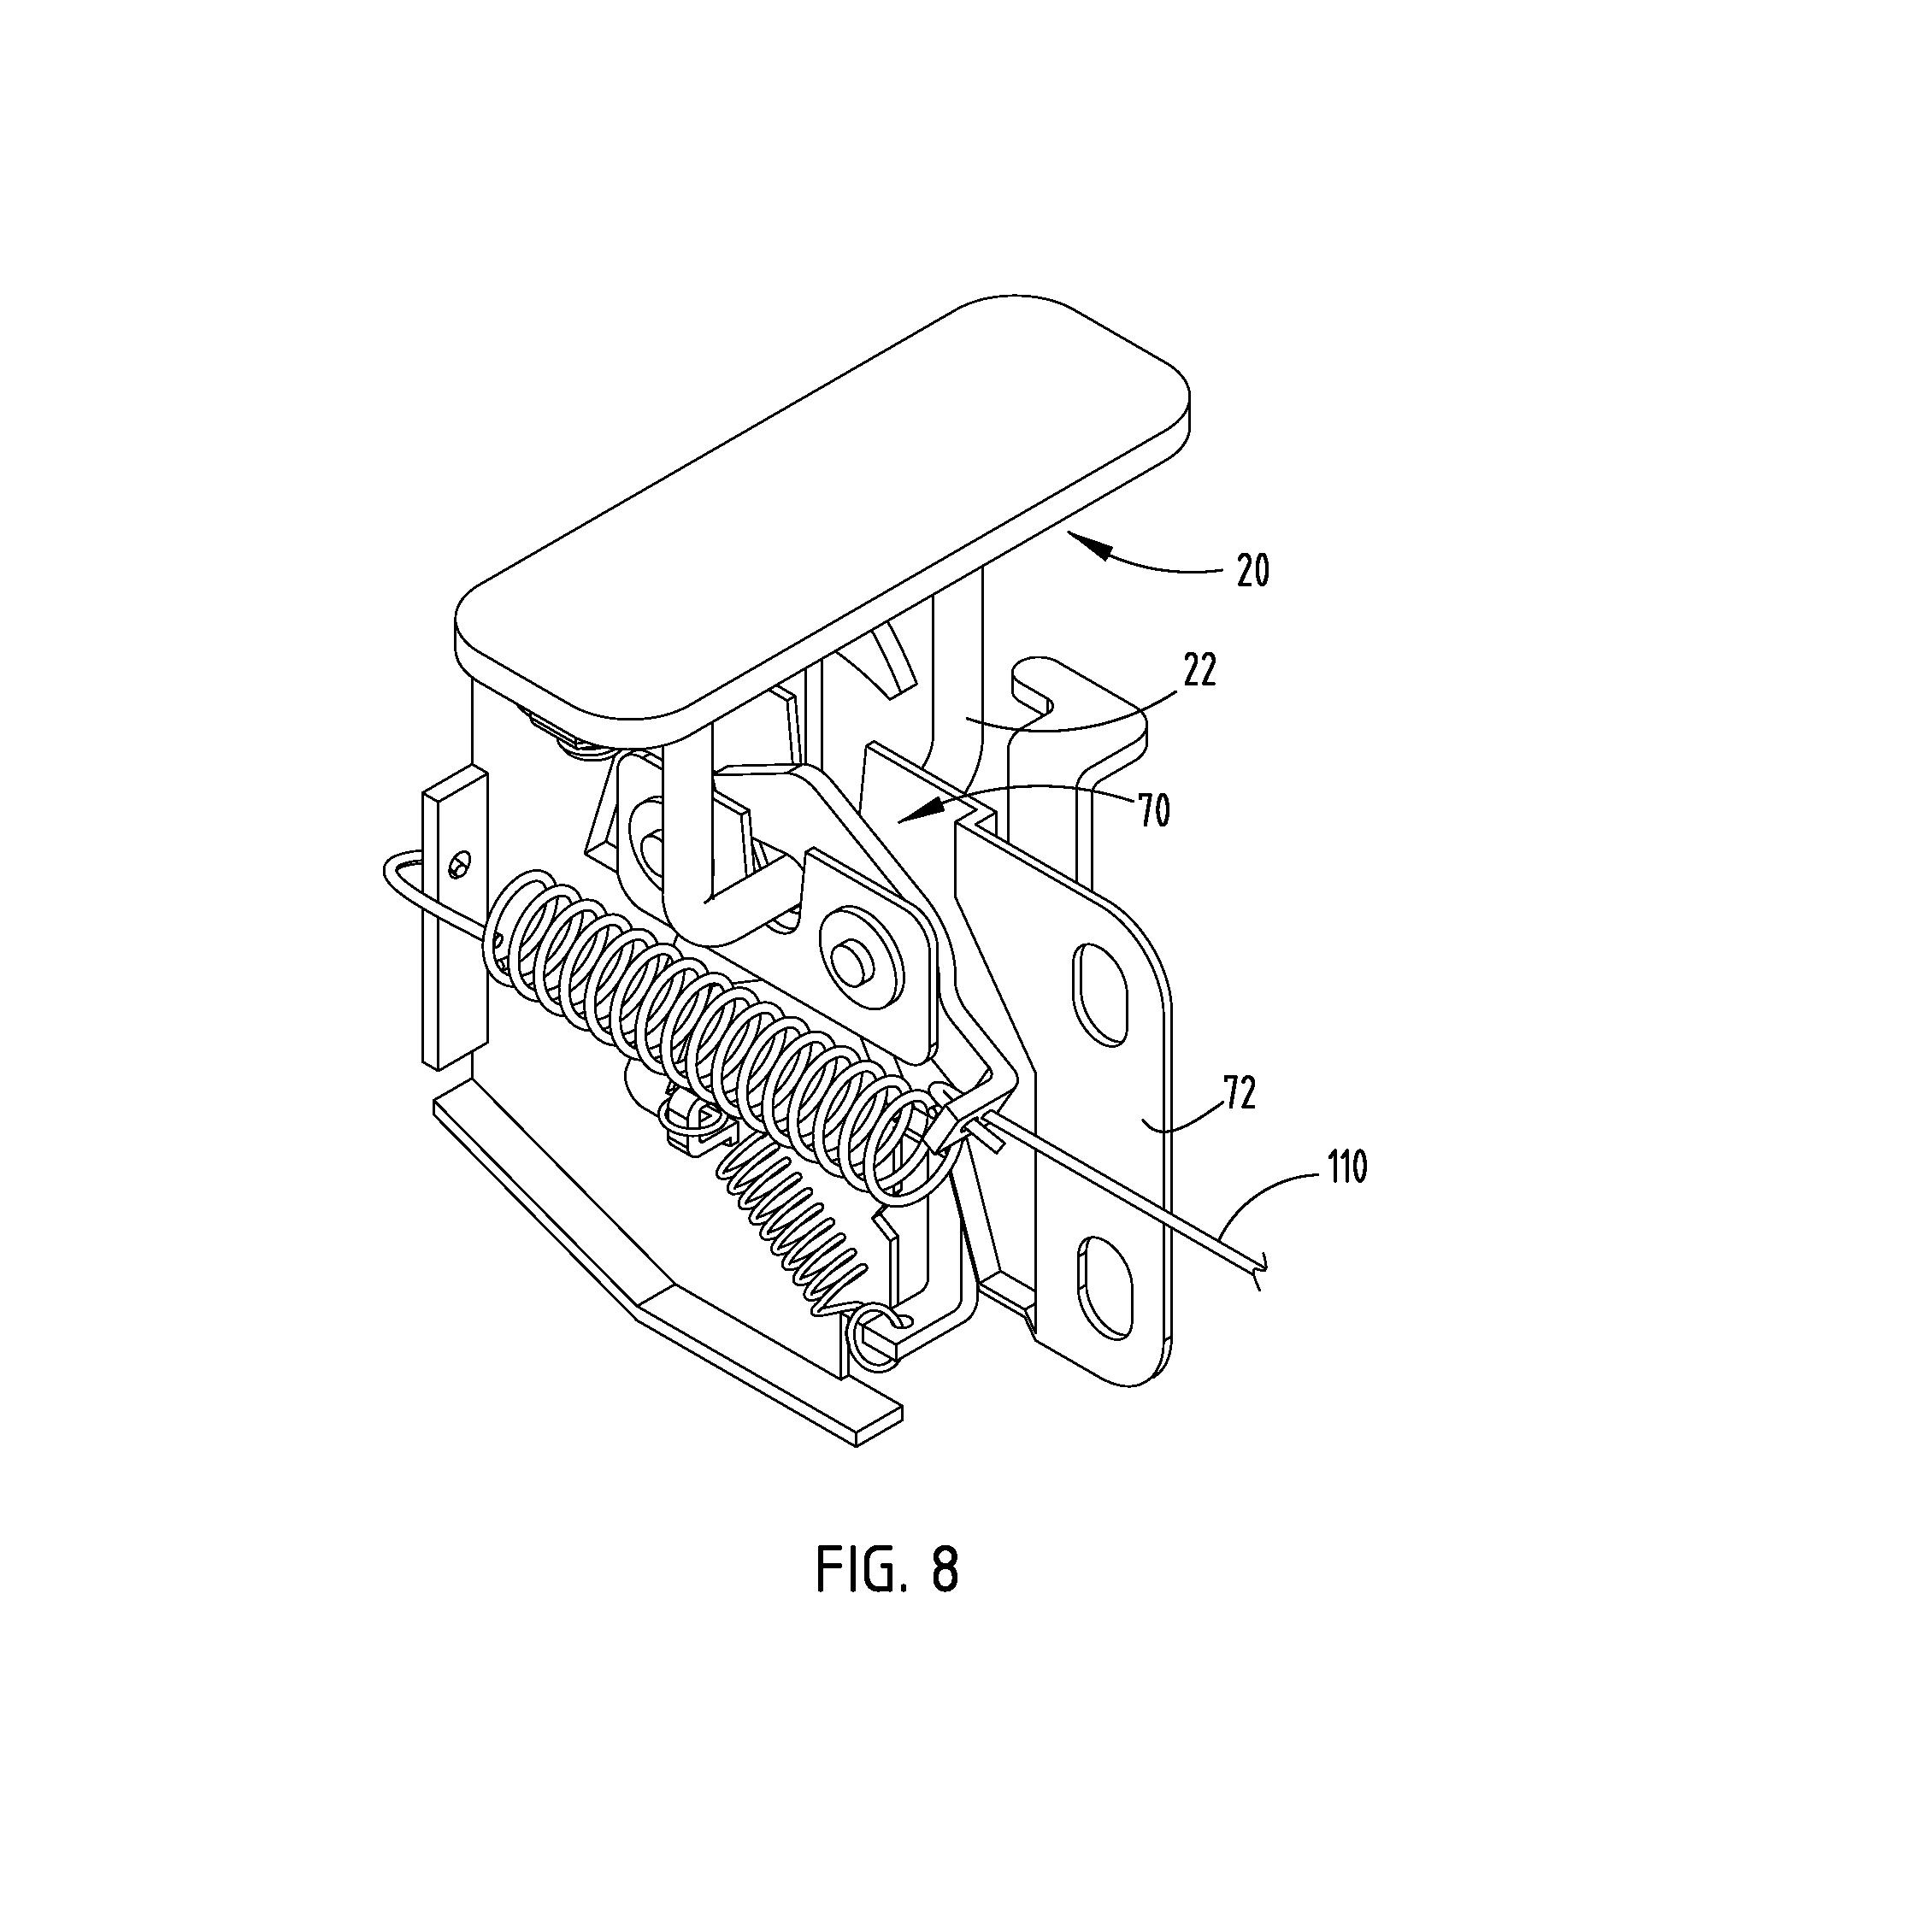 patent us20120306237